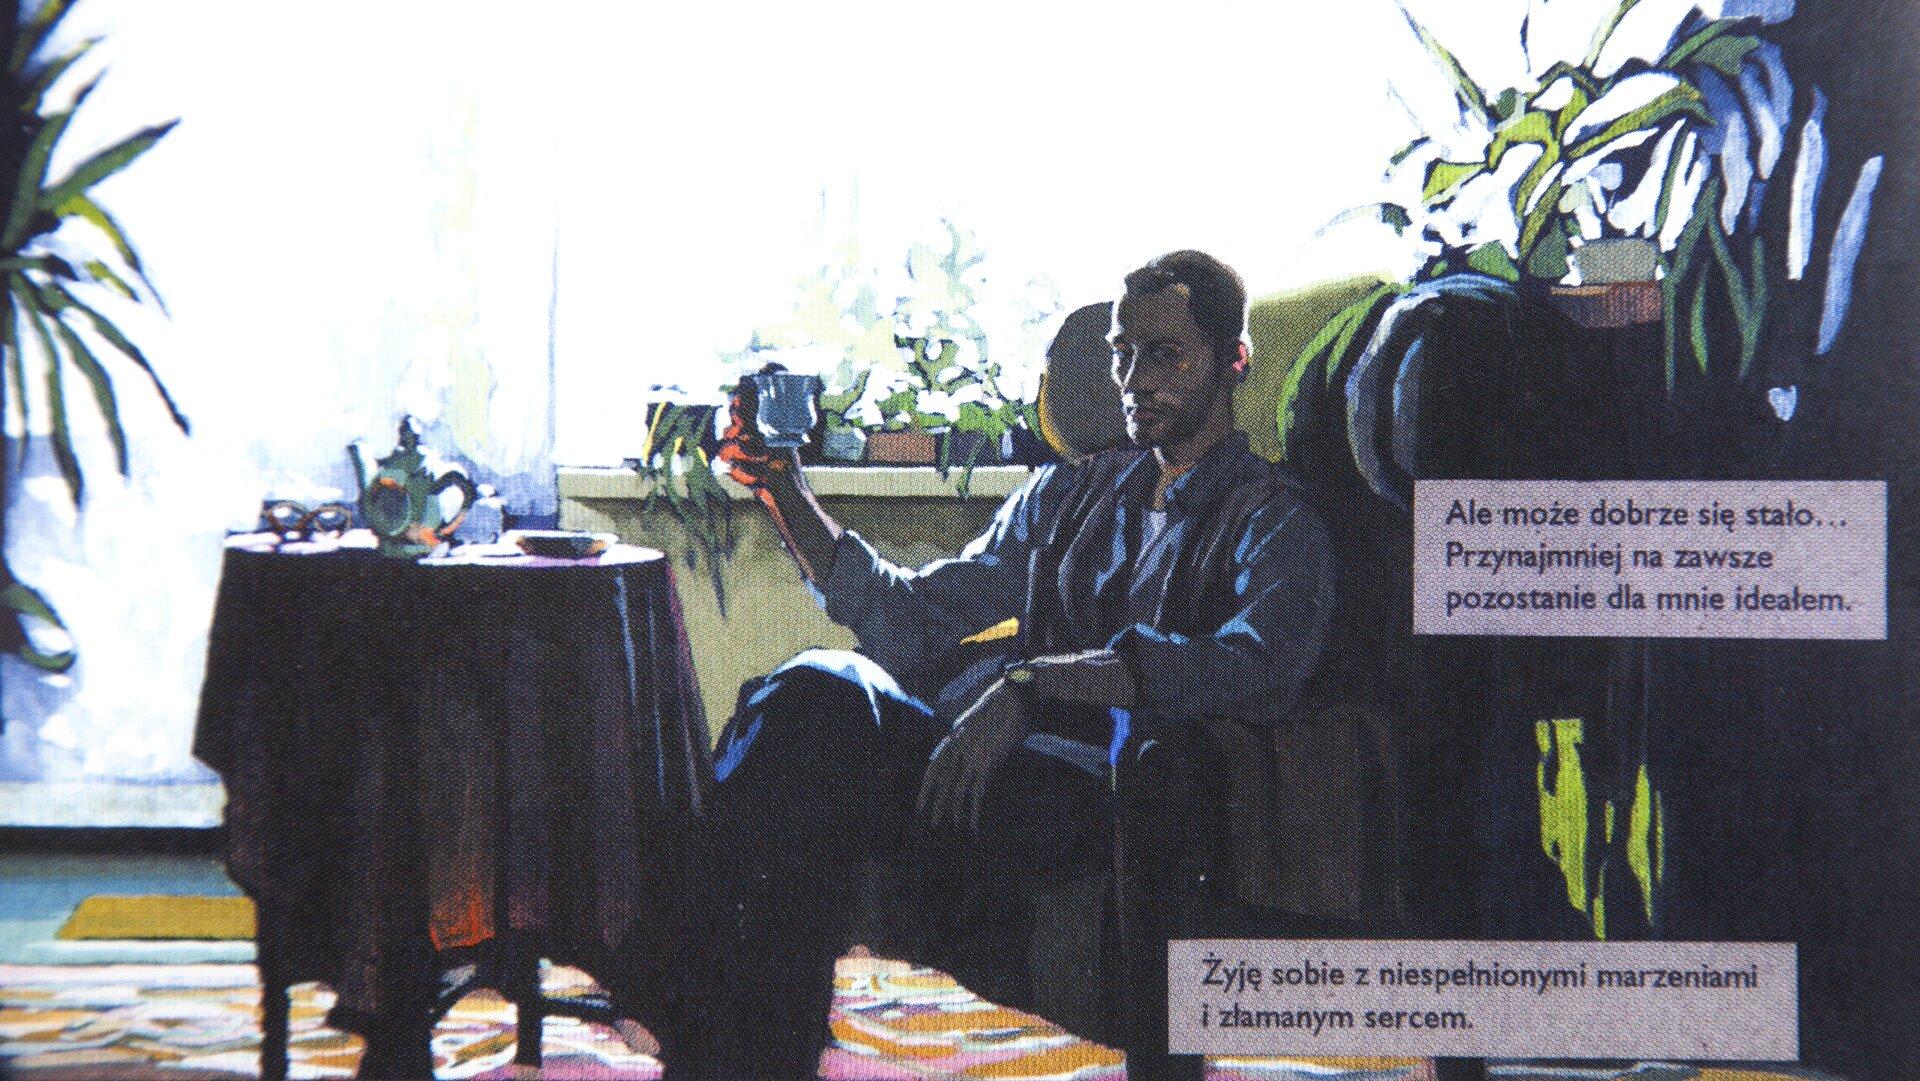 """Ilustracja, wykonana techniką akwareli, przedstawia scenę zkomiksu """"On, obraz, ona"""". Meżczyzna siedzi wfotelu, wmieszkaniu. Trzyma filizankę wręku. Obok niego są prostokąty ztekstem: """"Żyję sobie zniespełnionymi marzeniami izłamanym sercem."""" i"""" Ale może dobrze się stało... Przynajmniej na zawsze pozostanie dla mnie ideałem."""""""